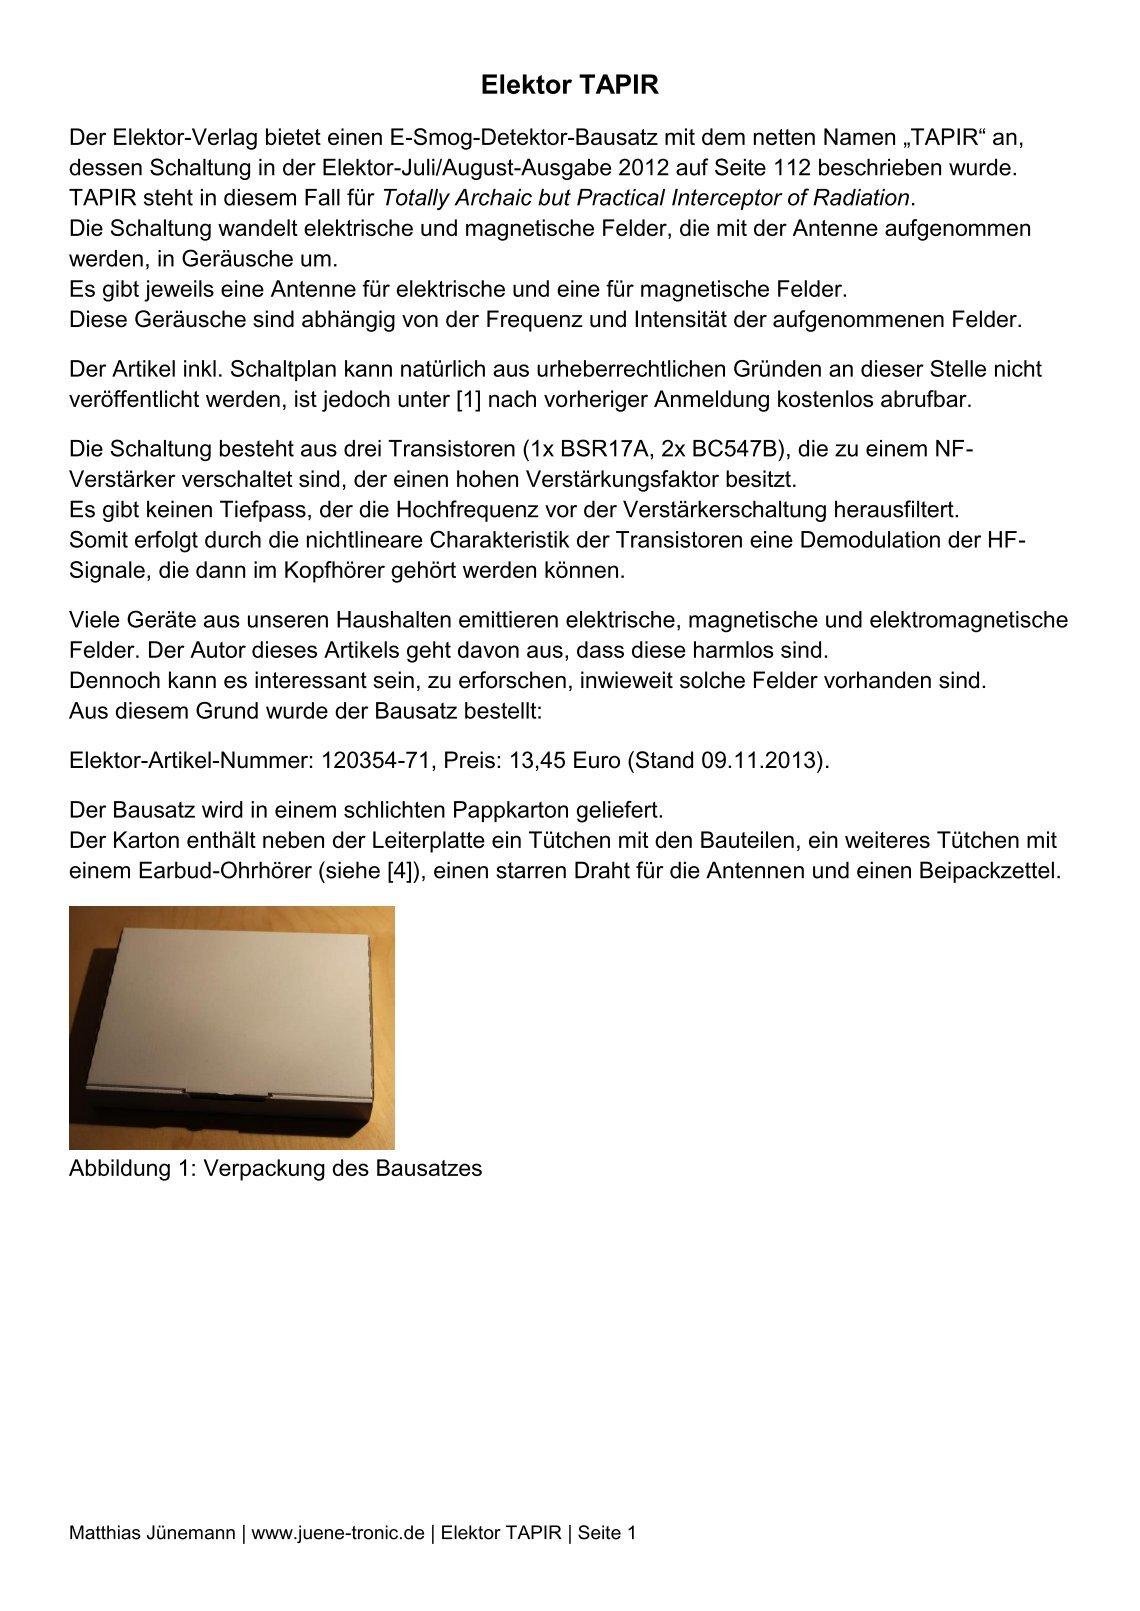 Schön Farbige Drahtschmucksideen Galerie - Elektrische Schaltplan ...